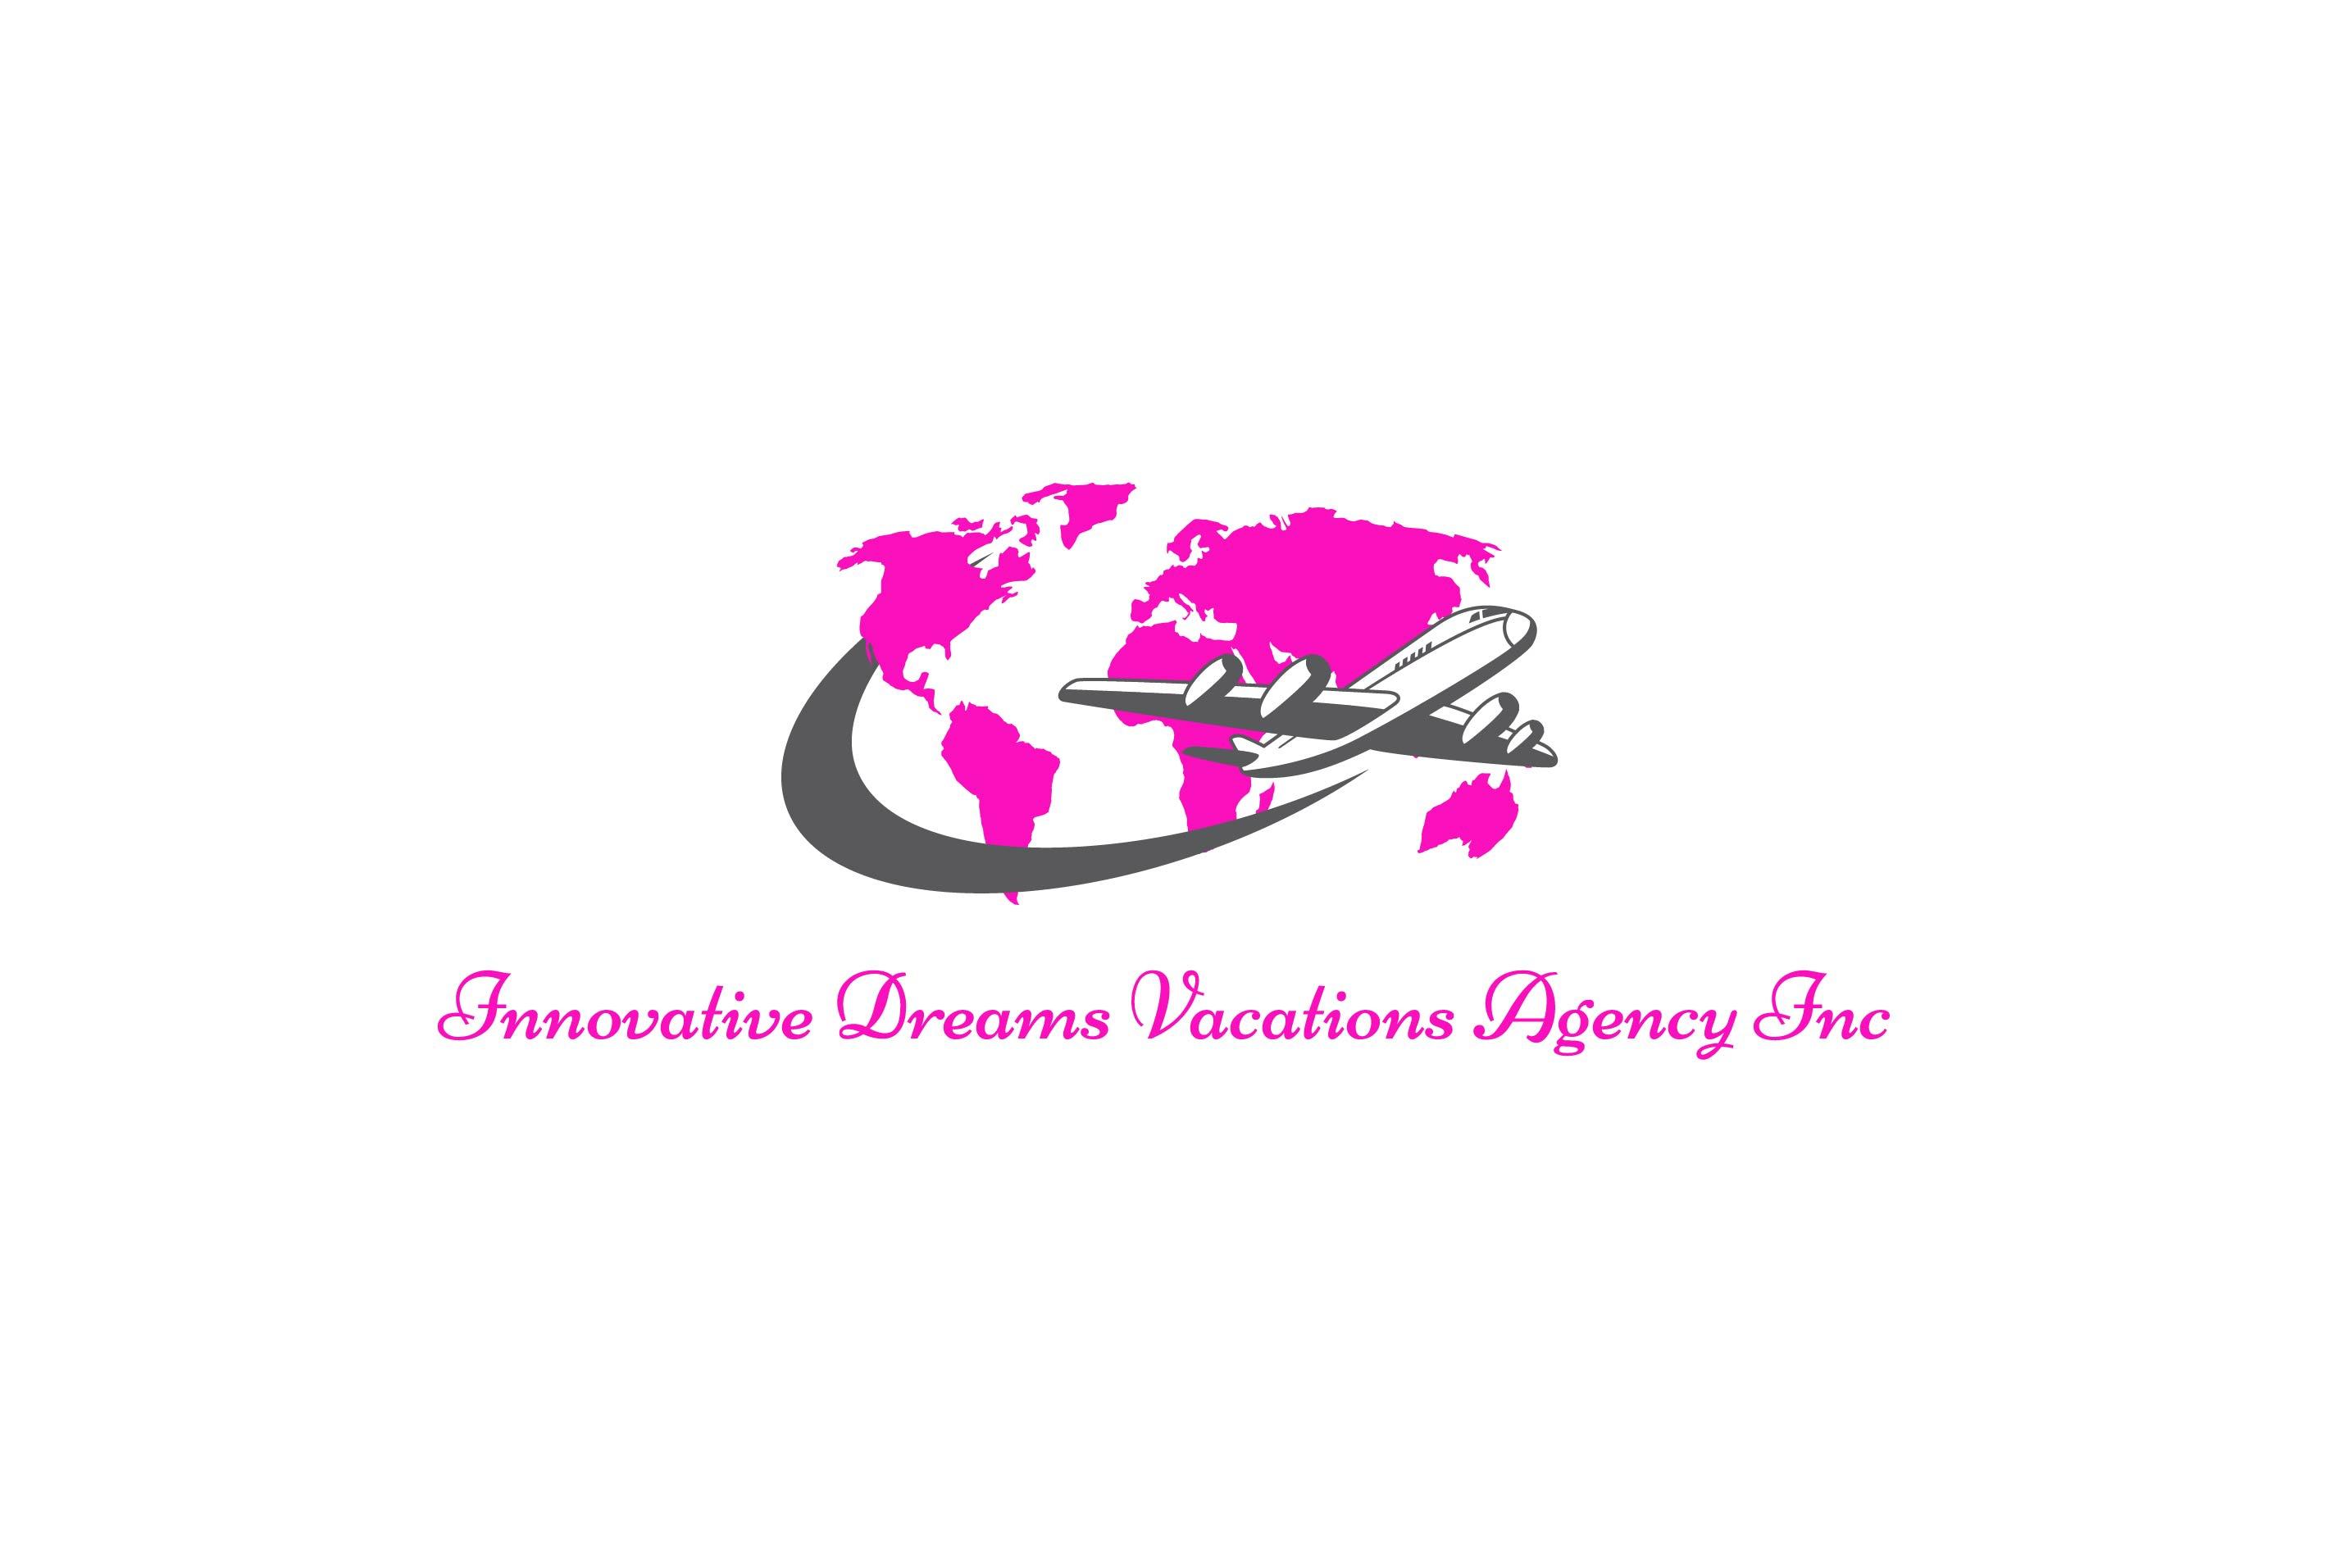 Innovative Dreams Vacations Agency Inc